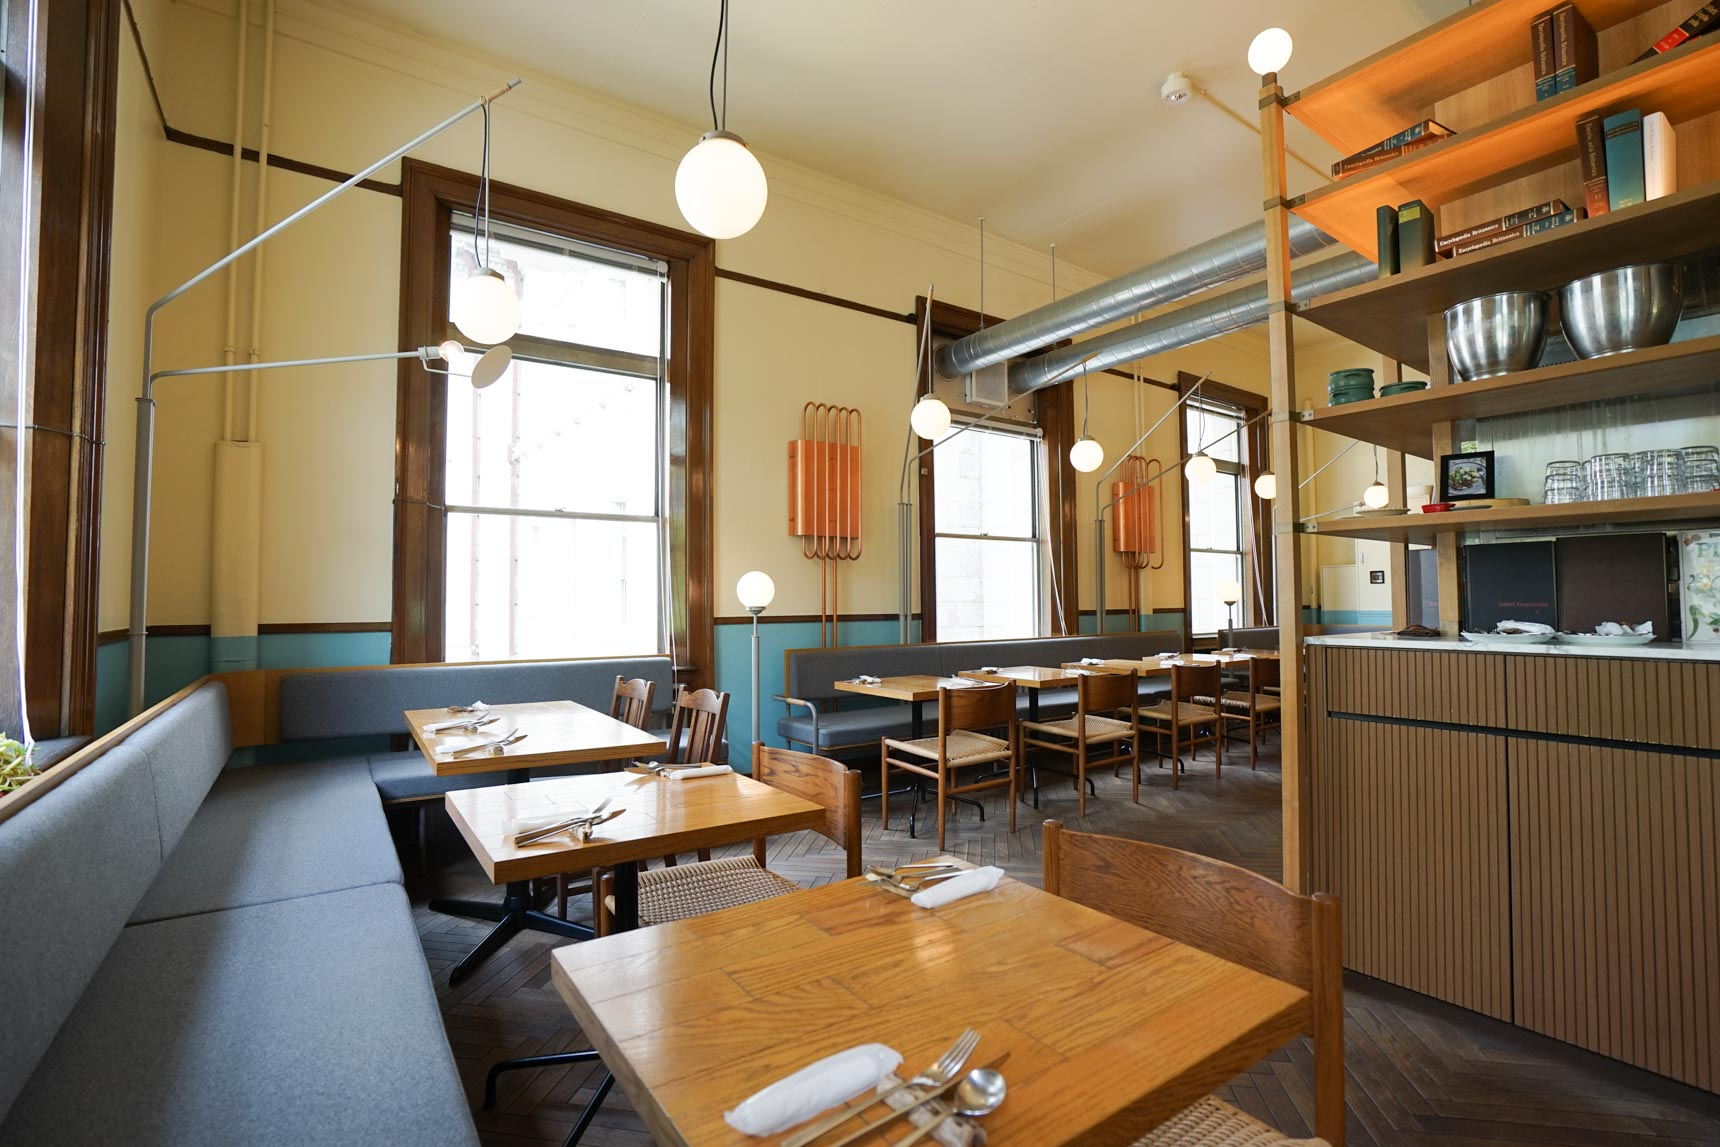 中之島図書館の中に誕生した北欧テイストのおしゃれな空間、スモーブローキッチン(大阪近代建築カフェめぐり Vol.1)